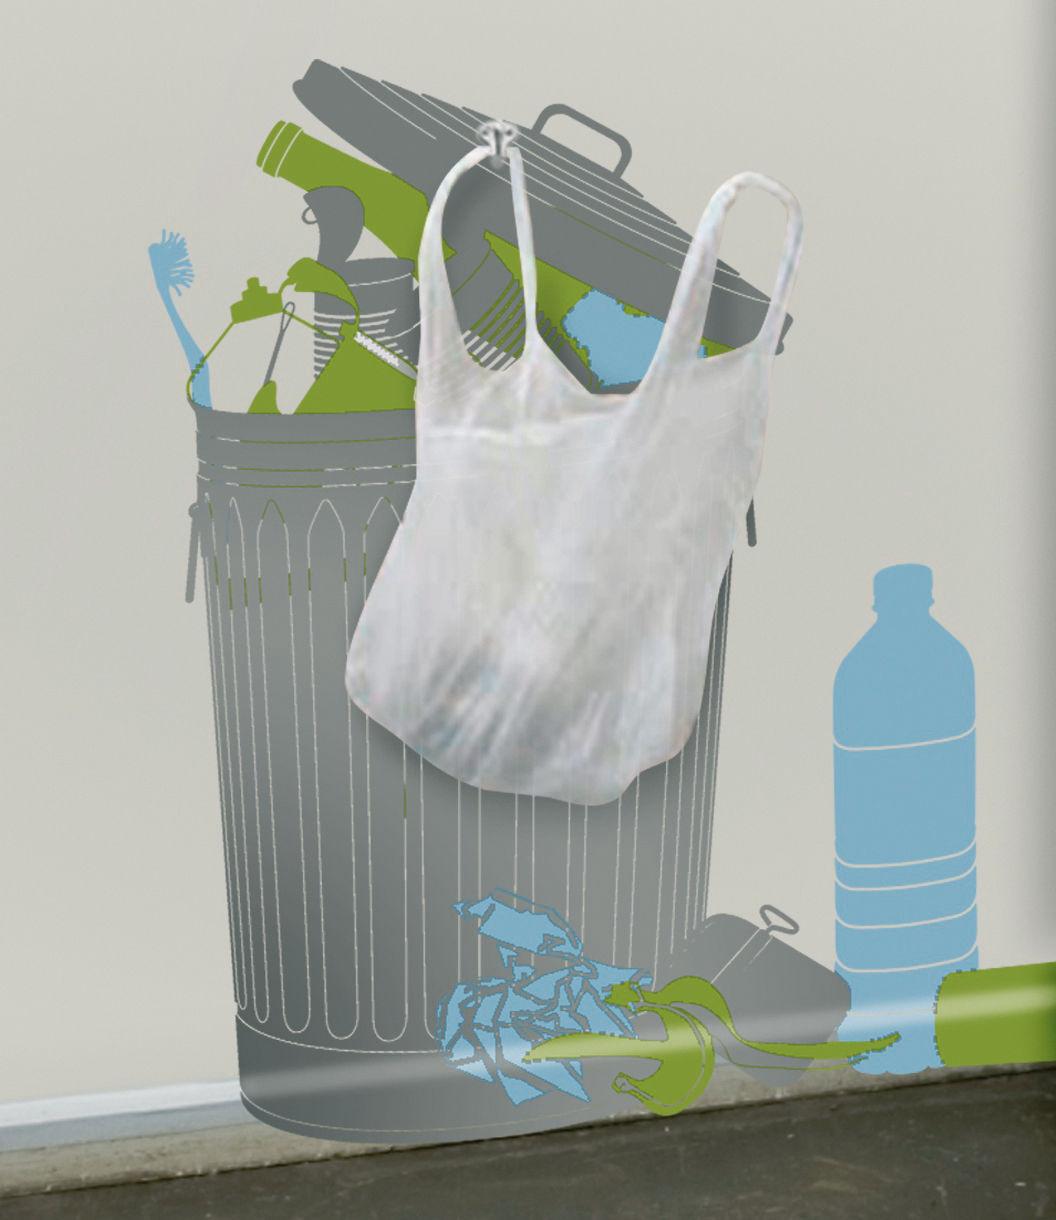 Dekoration - Spaßig und ausgefallen - Vynil+plastic bags Sticker - Domestic - Grau, grün und blau - Vinyl